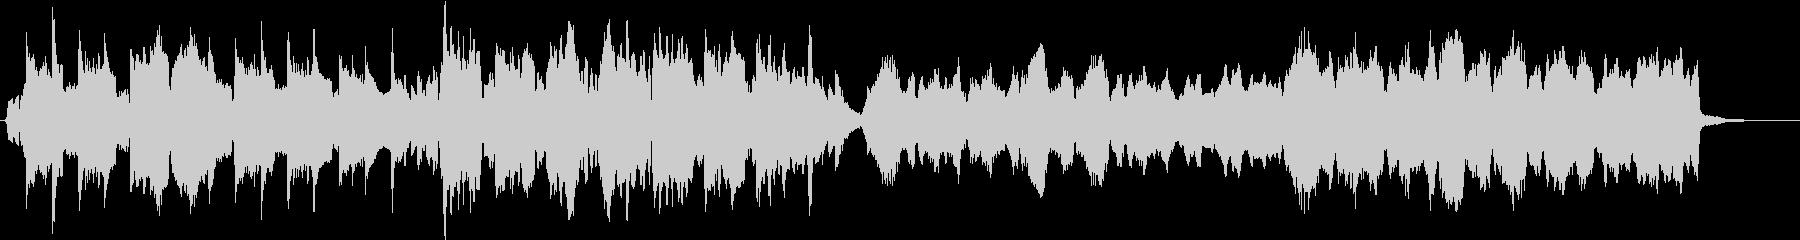 クラリネットを中心としたオーケストラの未再生の波形